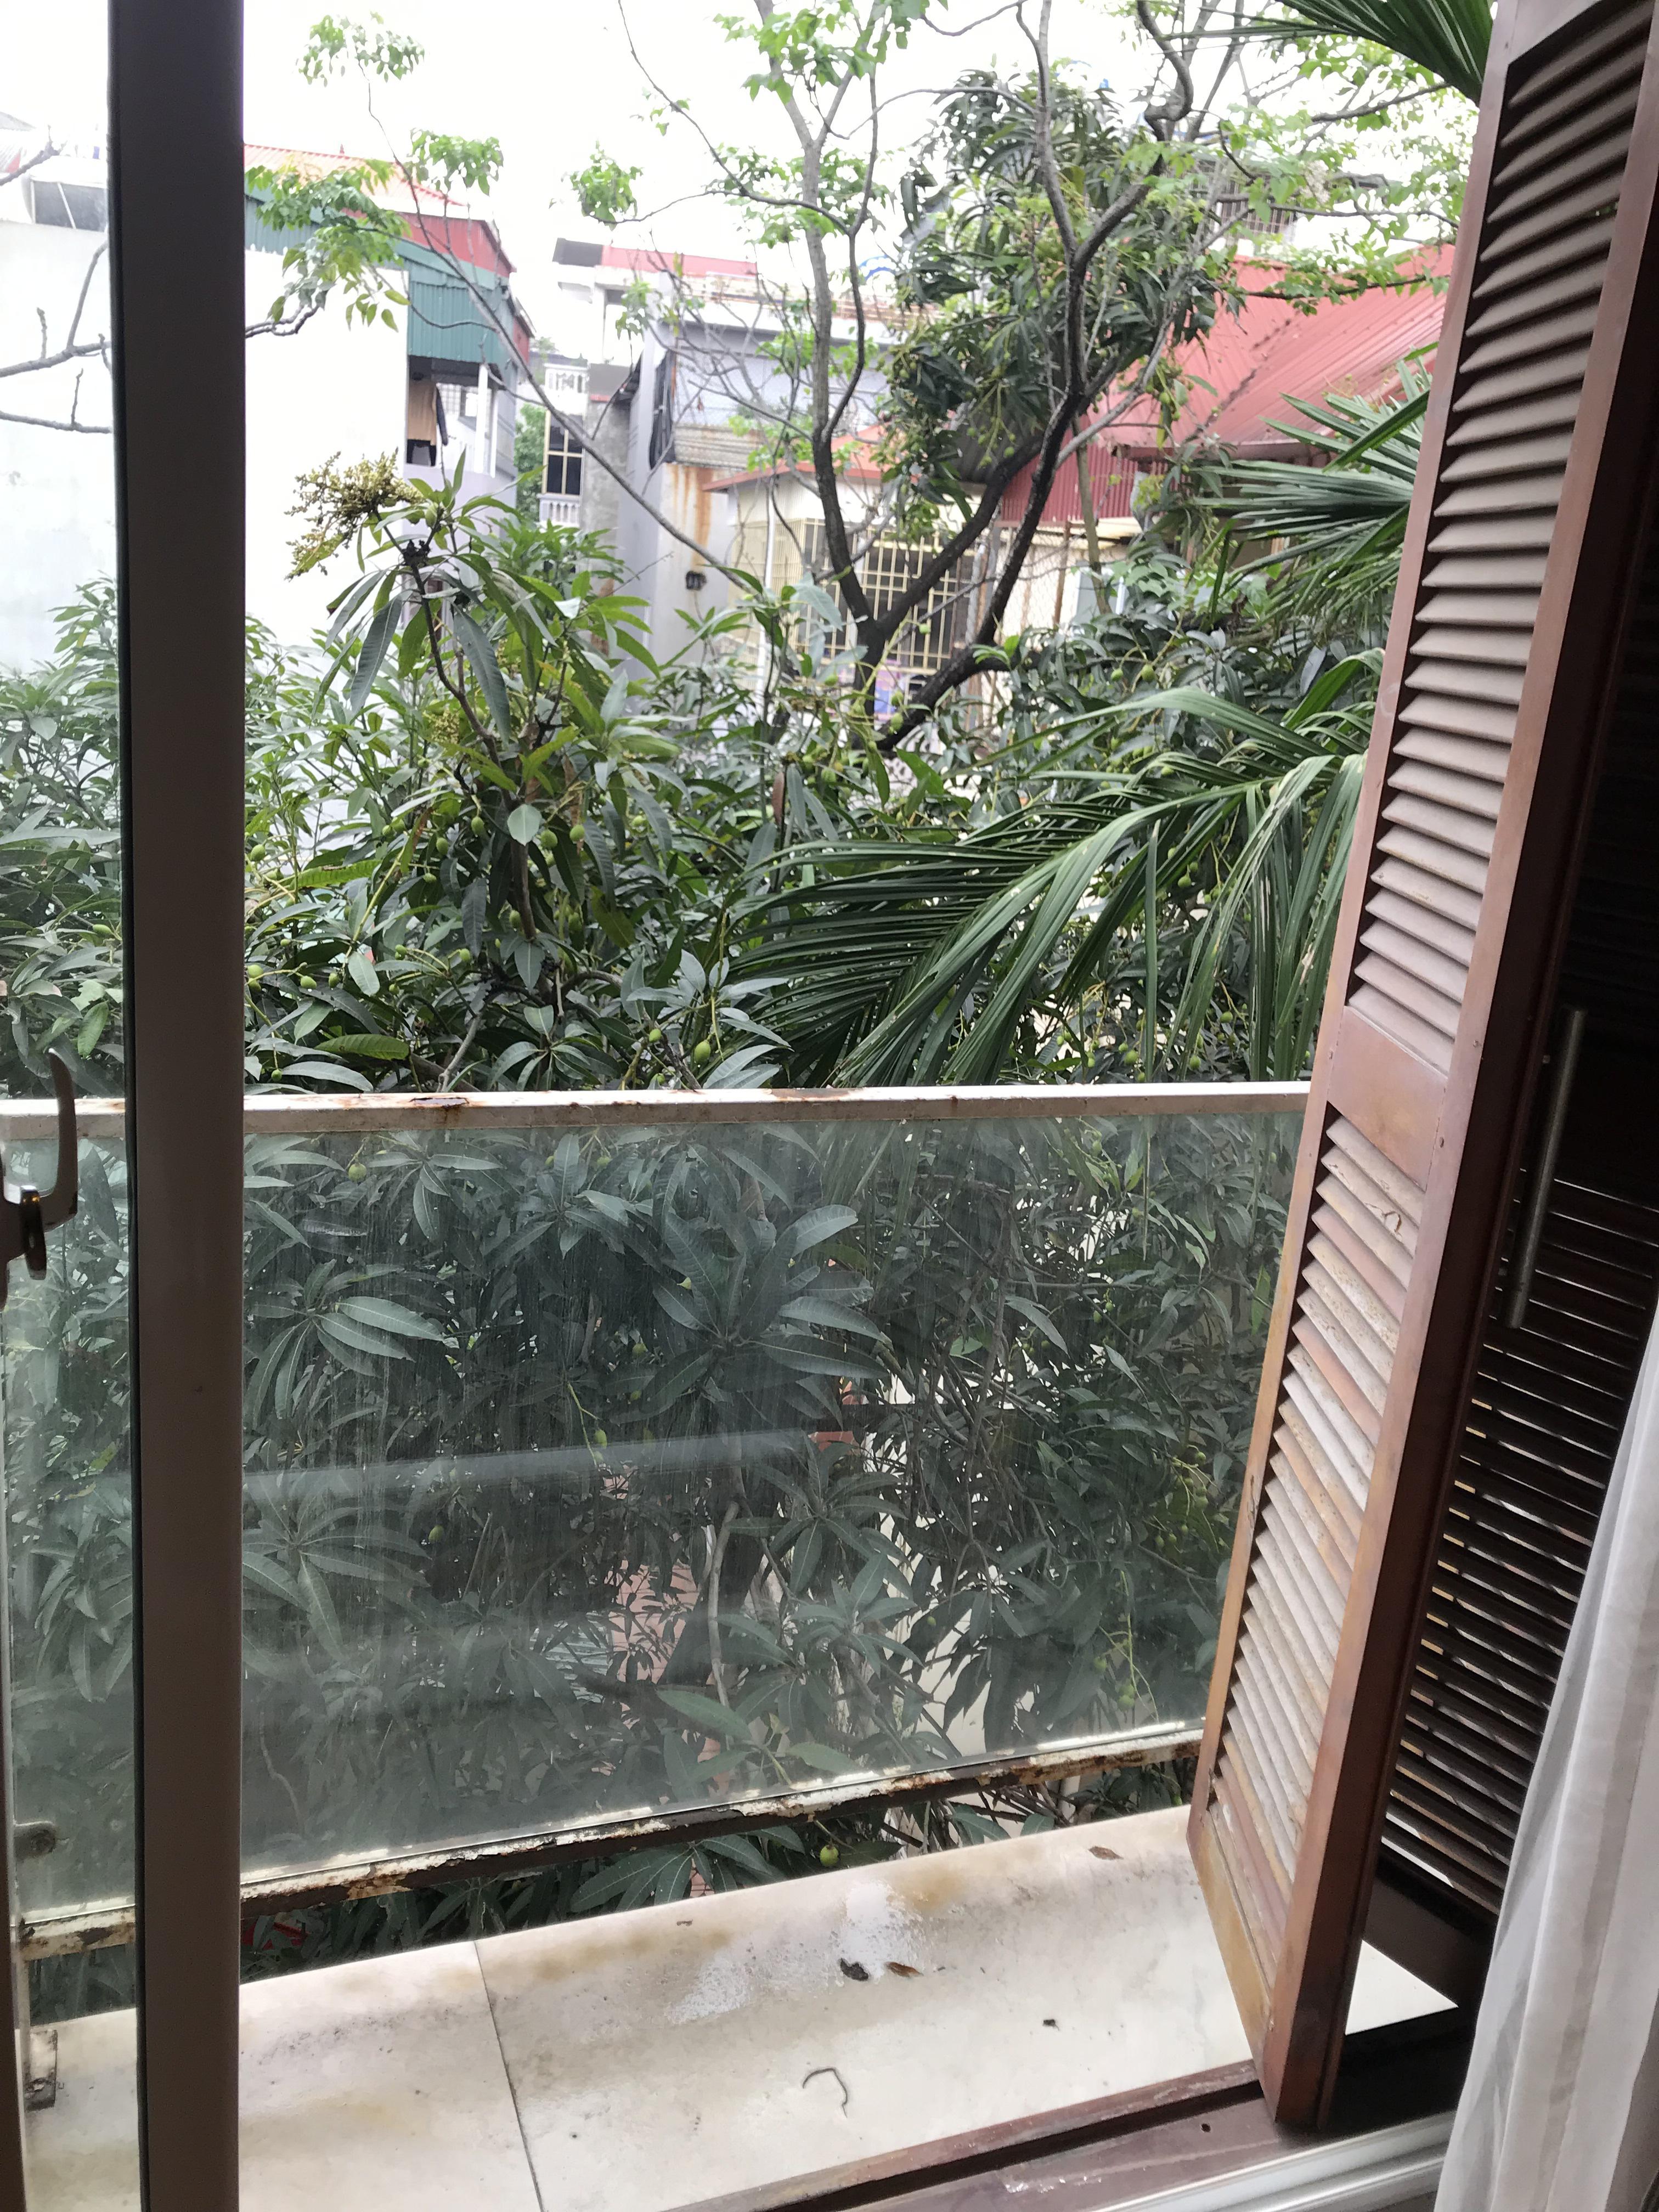 6 Cần cho thuê nhà tại quận Ba Đình Hà Nội, 4 tầng , 3 phòng ngủ, 4 wc, tiện nghi đầy đủ, an ninh